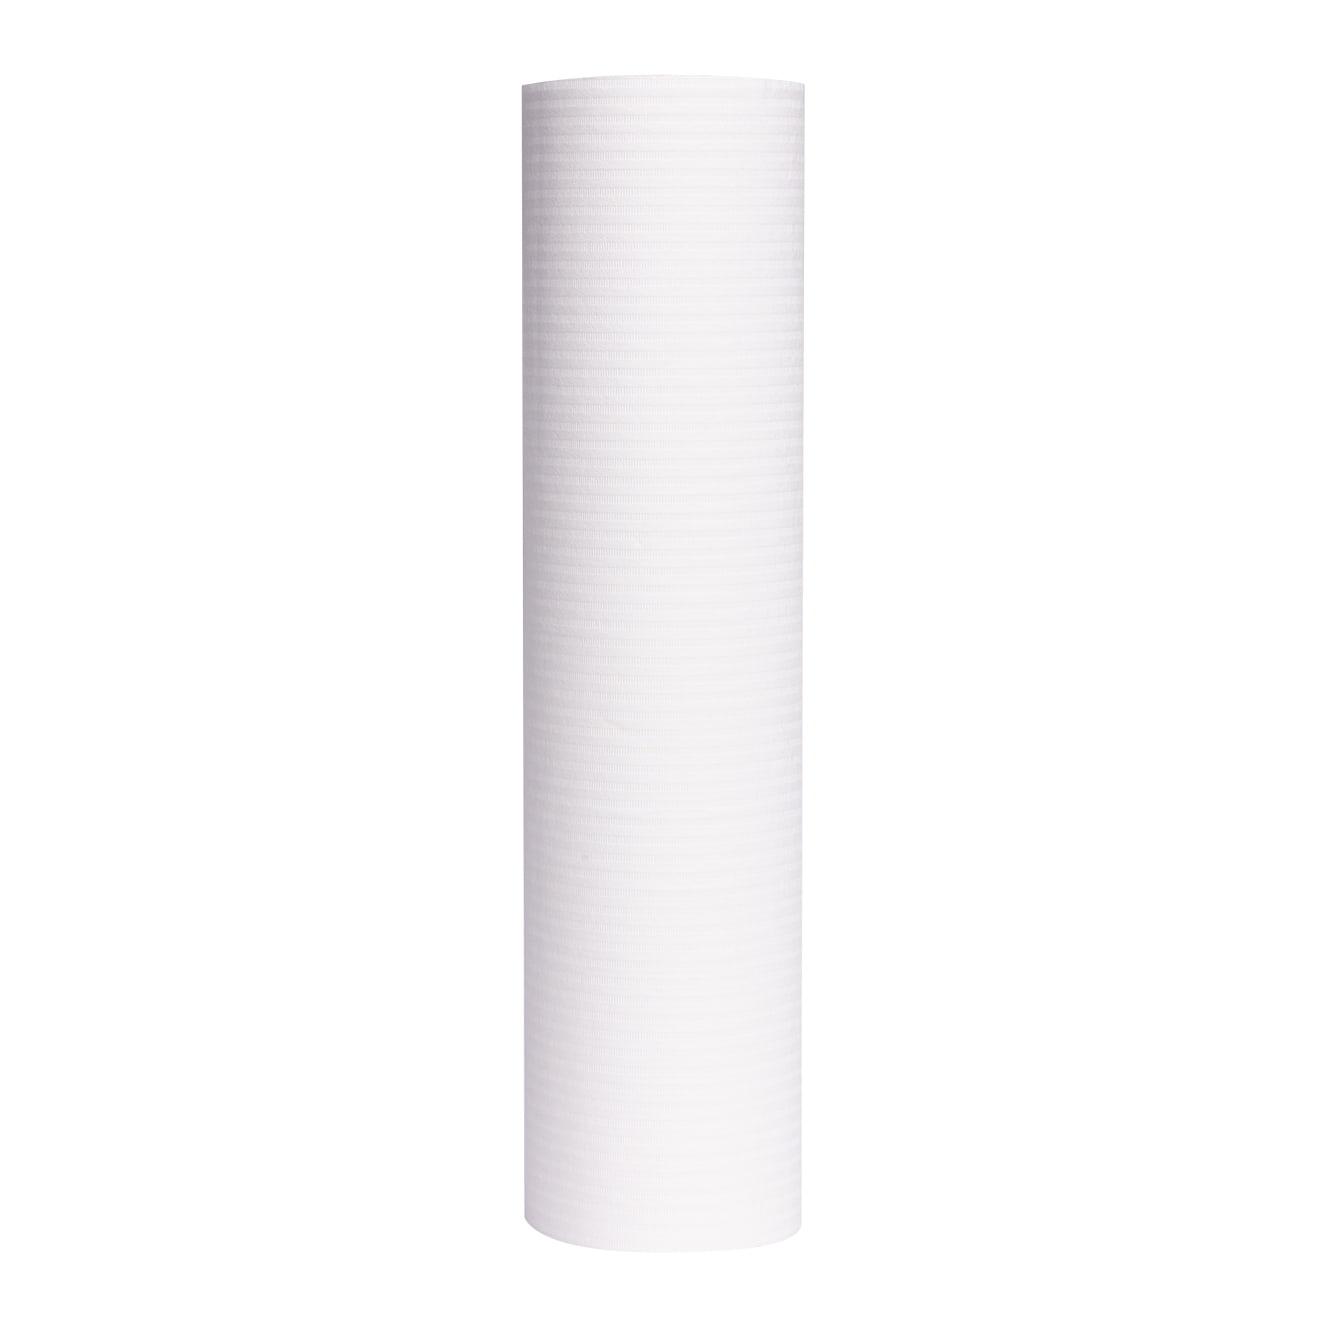 Serweta bibułowo - foliowa - biała wysoka jakość